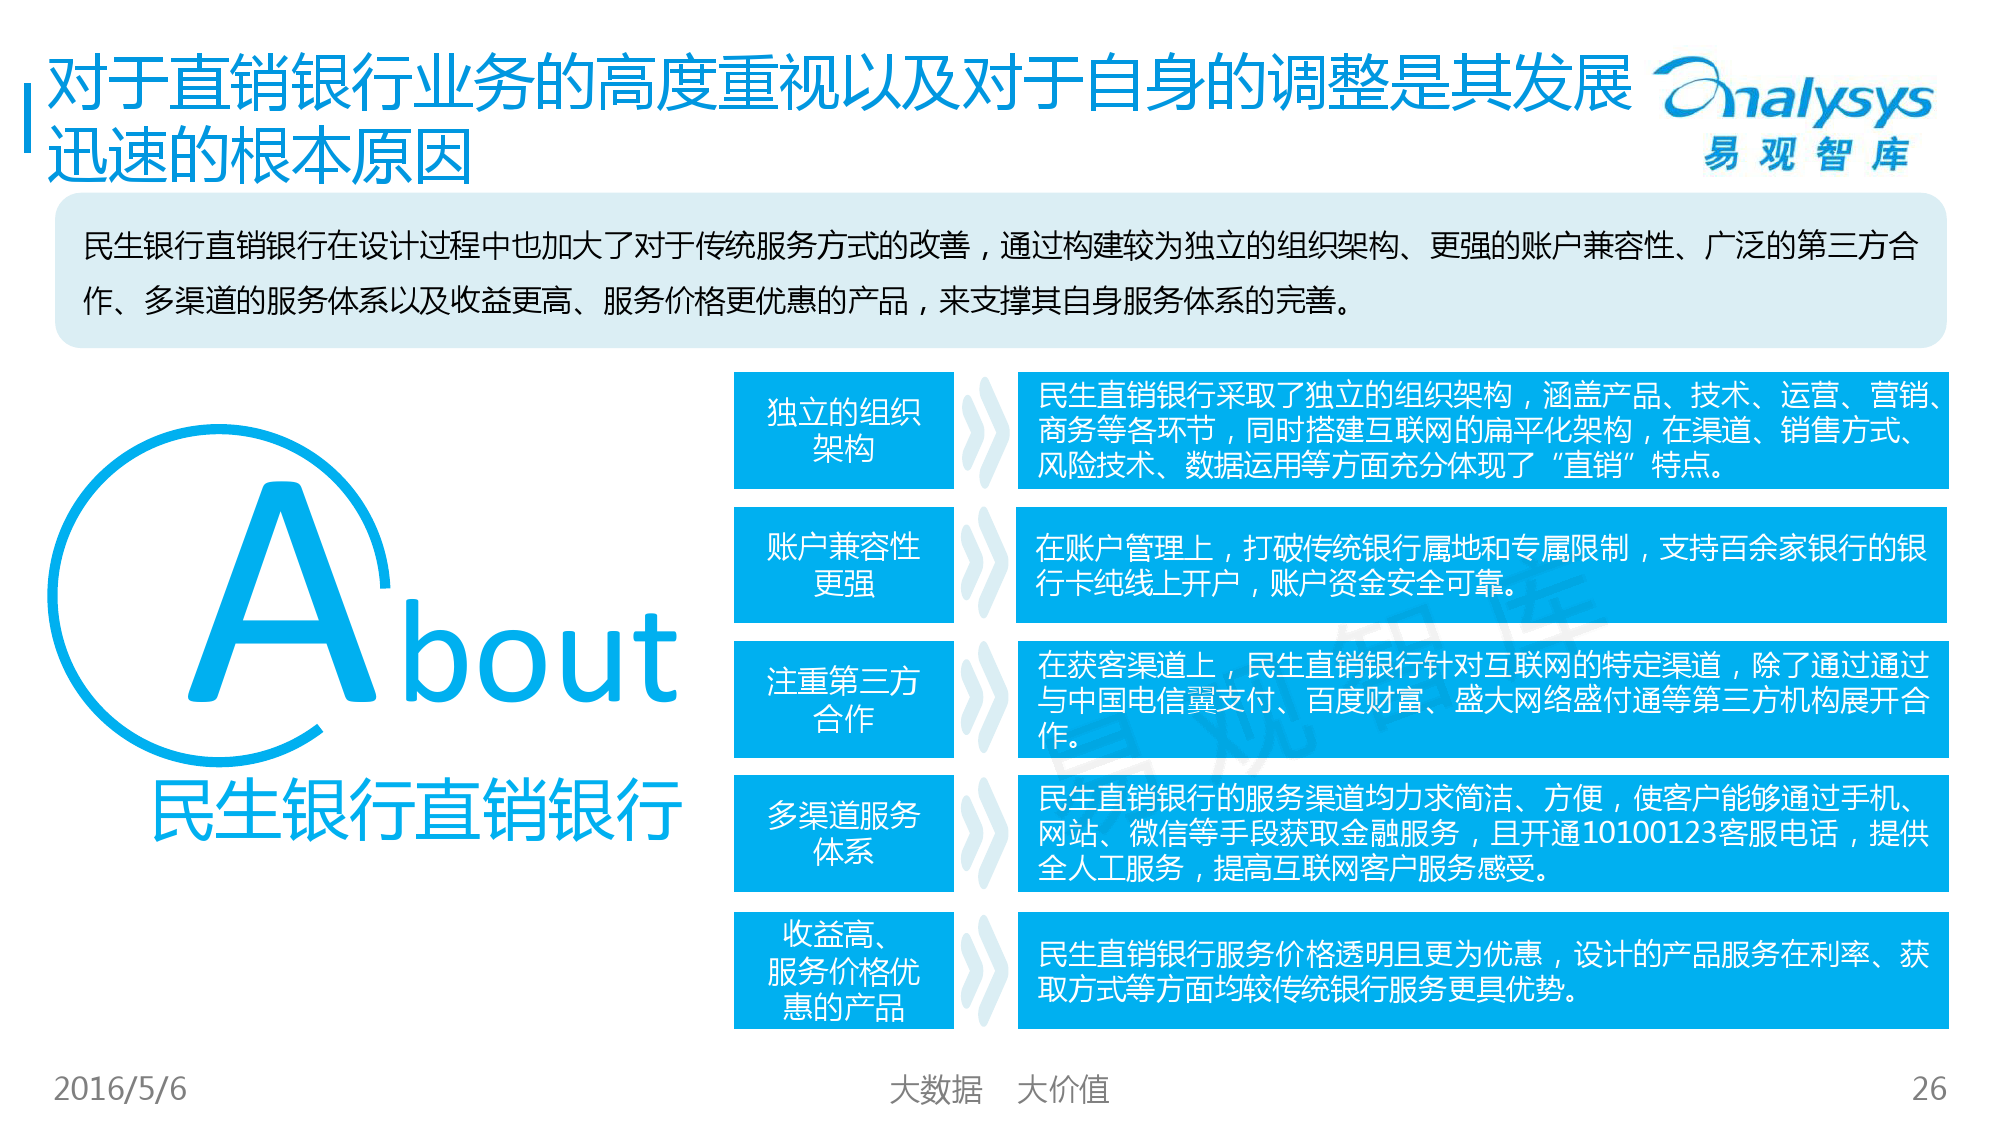 2016年中国直销银行市场专题研究报告_000026